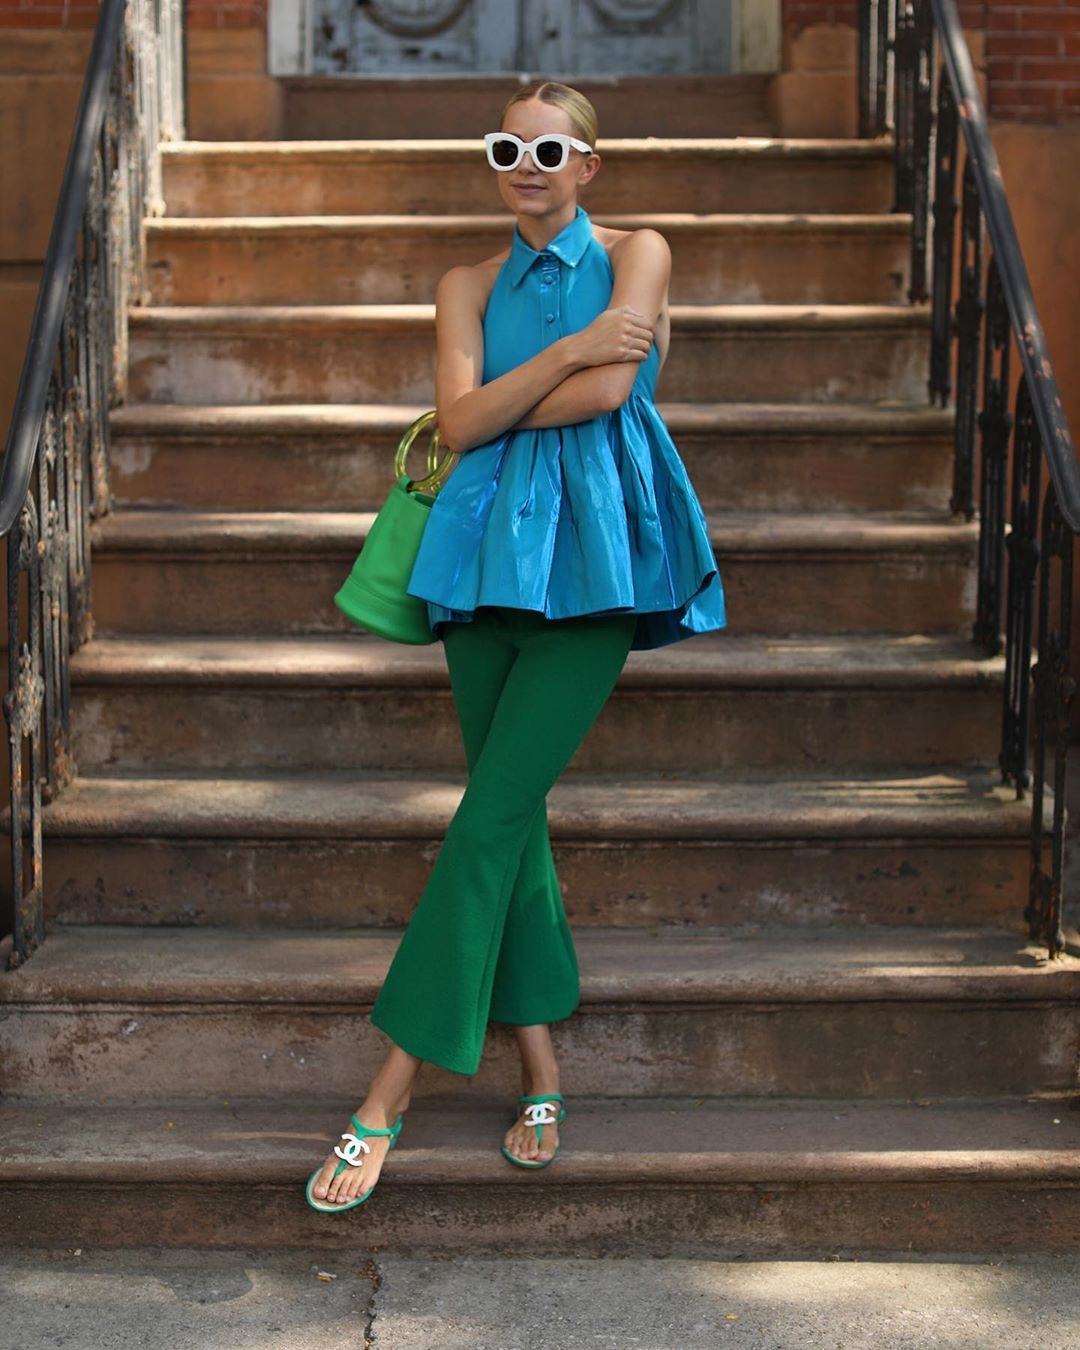 blair-eadie-bee-blu-green-pairing